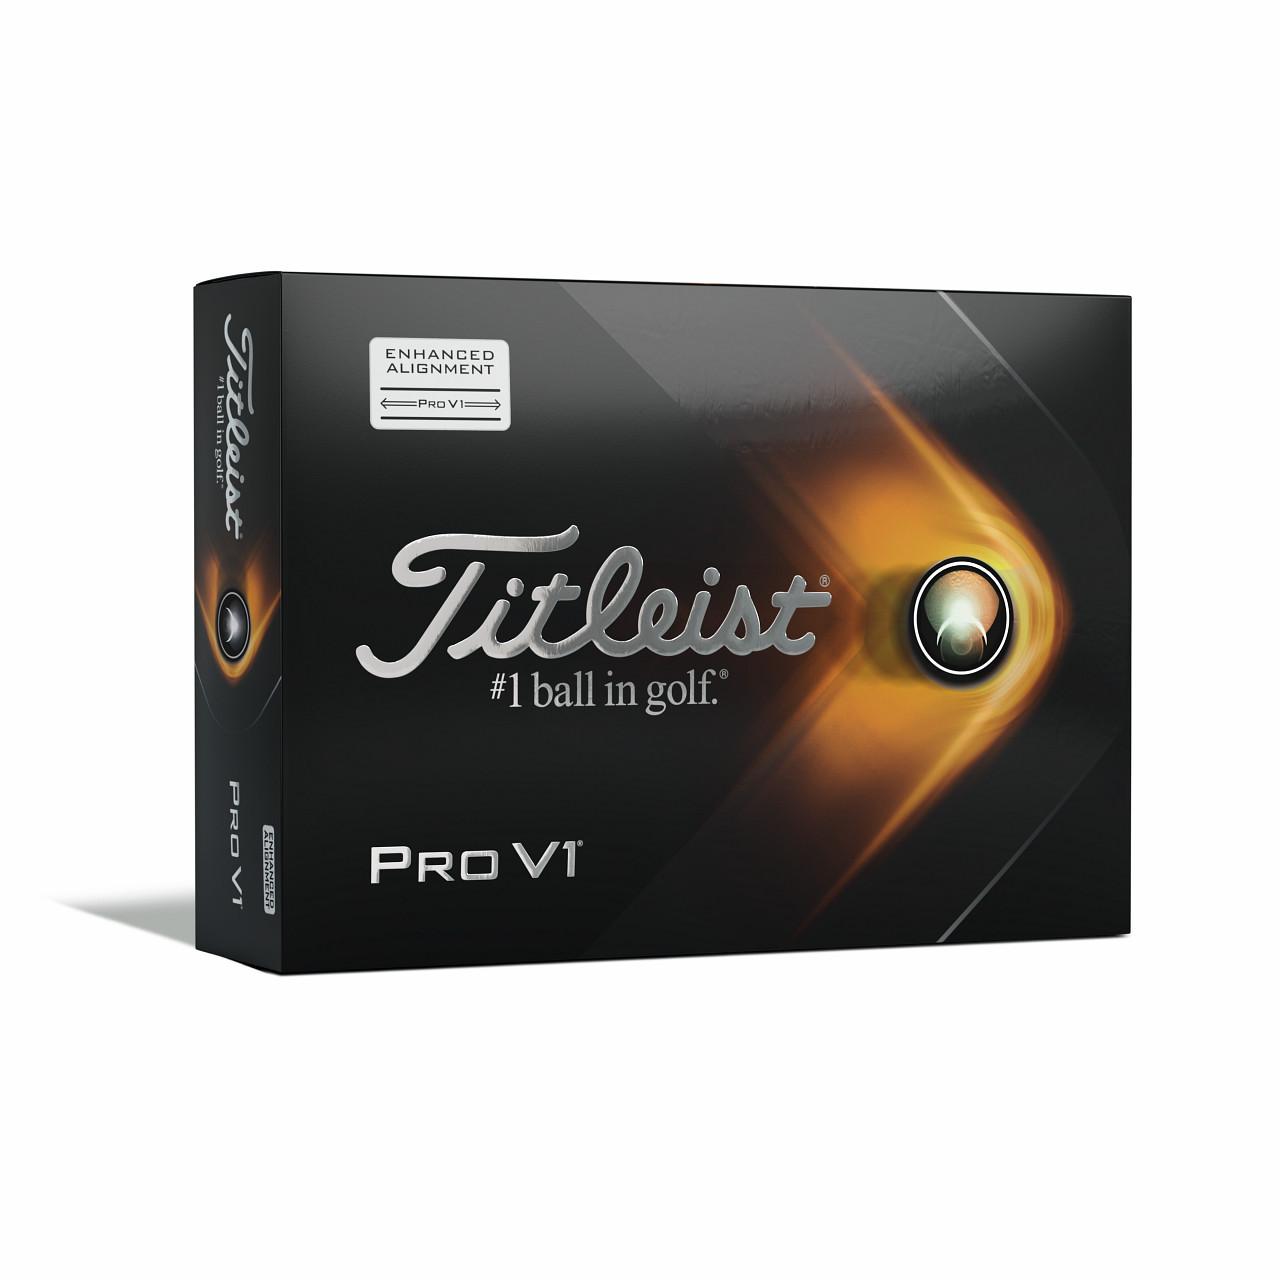 Titleist Pro V1 Dozen Golf Balls 2021 - Aim Alignment